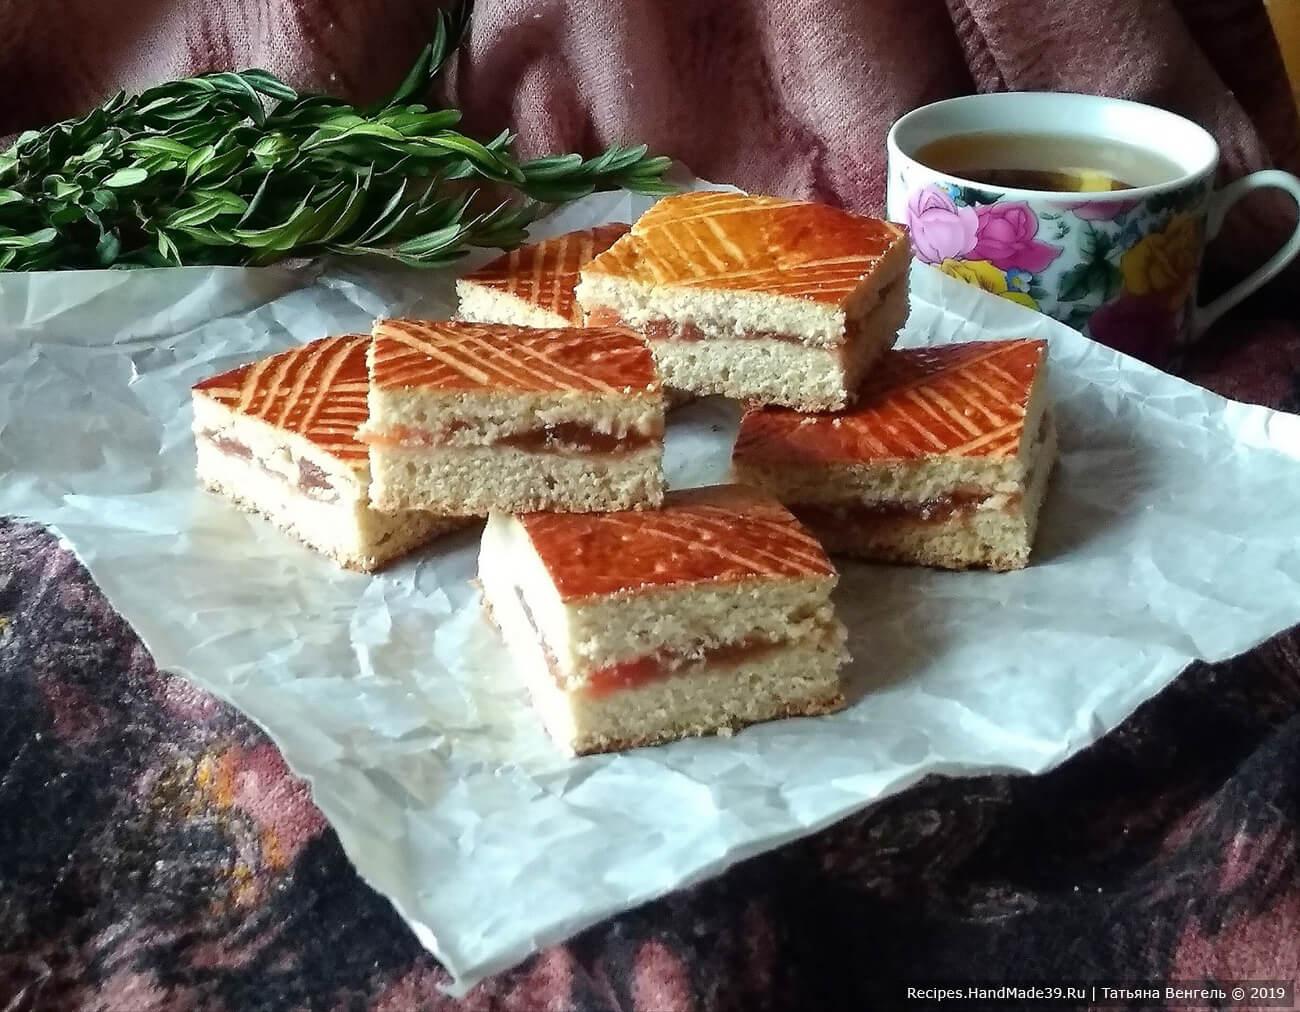 Пряник с начинкой – пошаговый кулинарный рецепт с фото